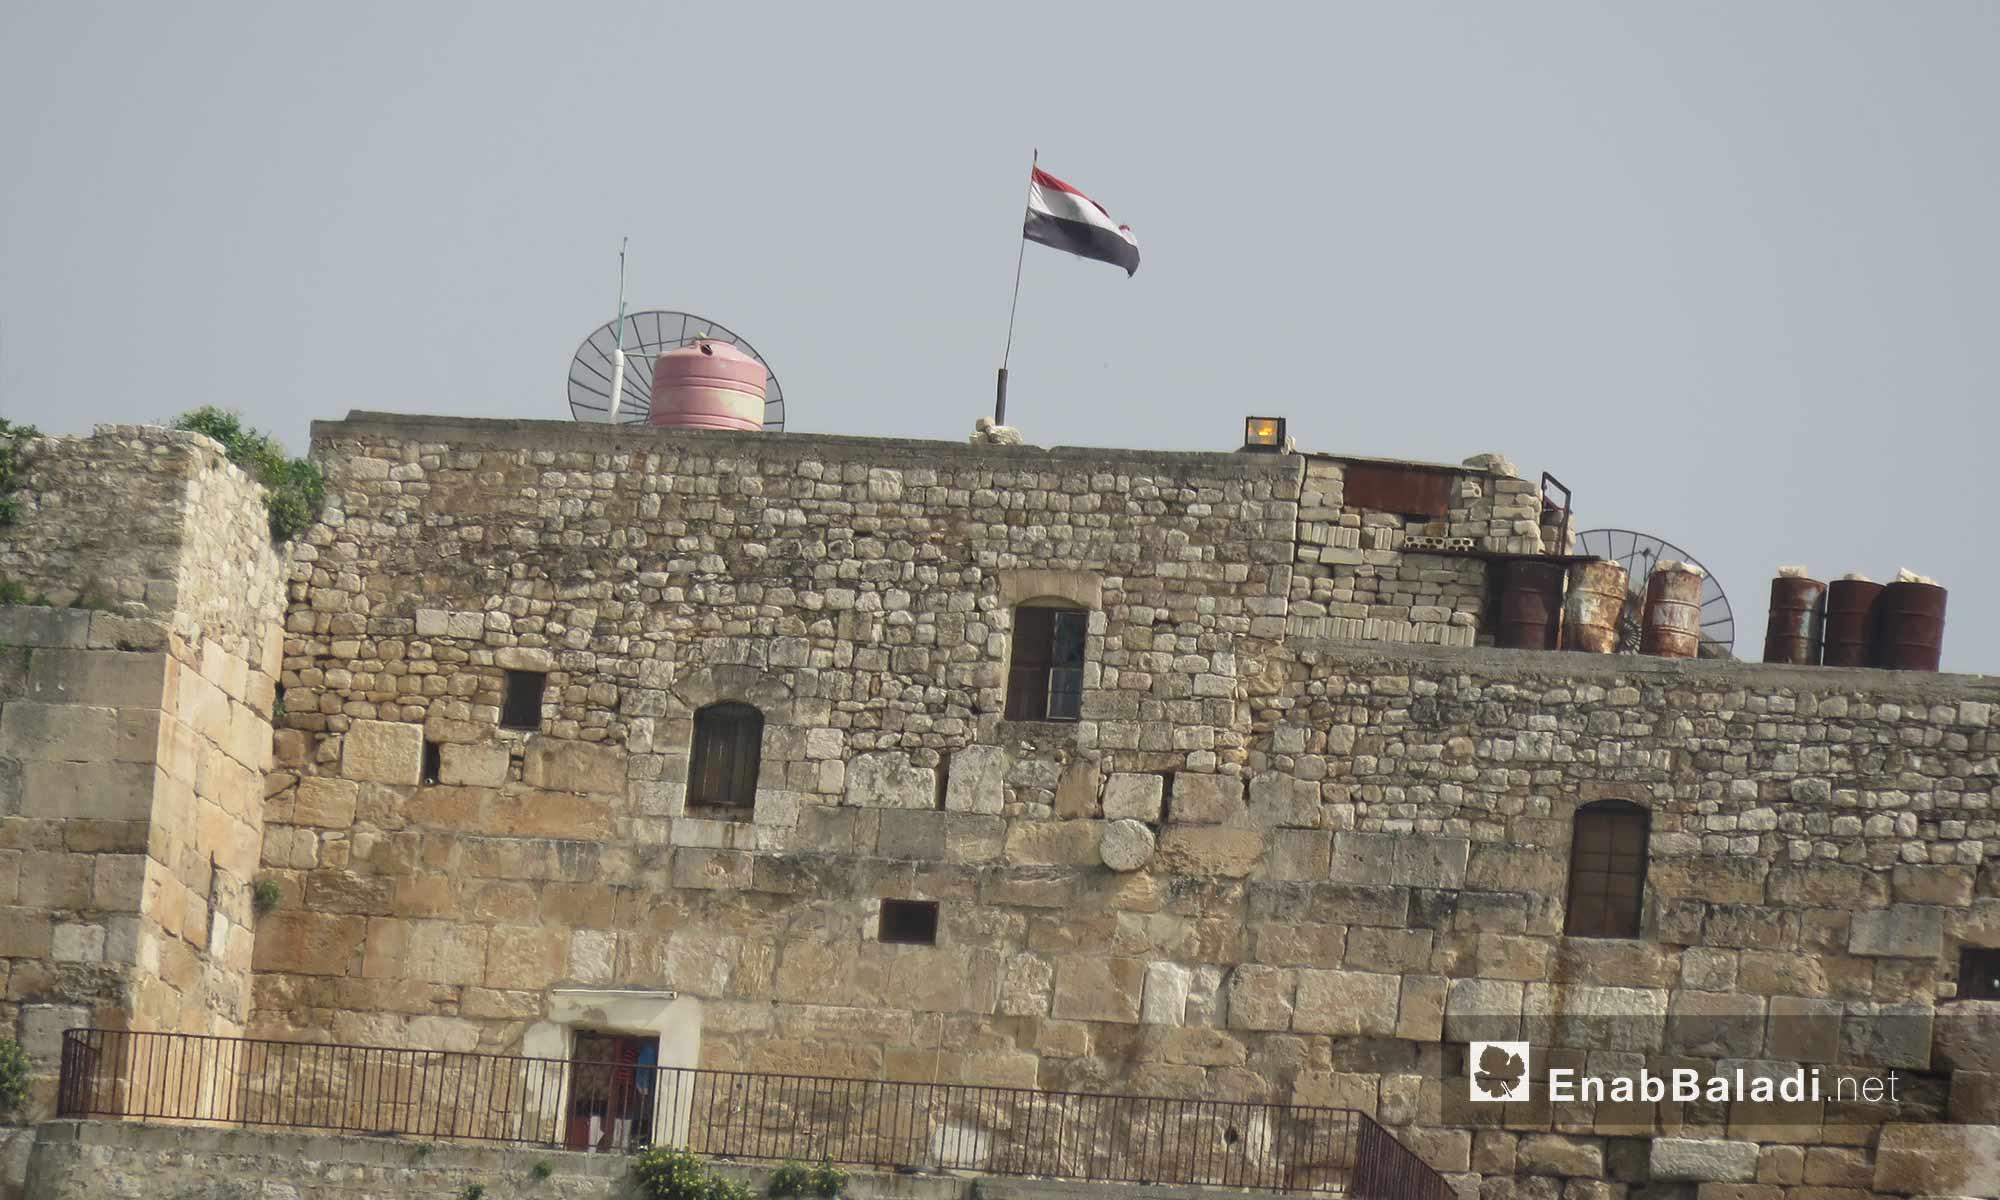 تمركز قوات الأسد في قلعة المضيق بريف حماة الغربي - 5 آذار 2018 (عنب بلدي)